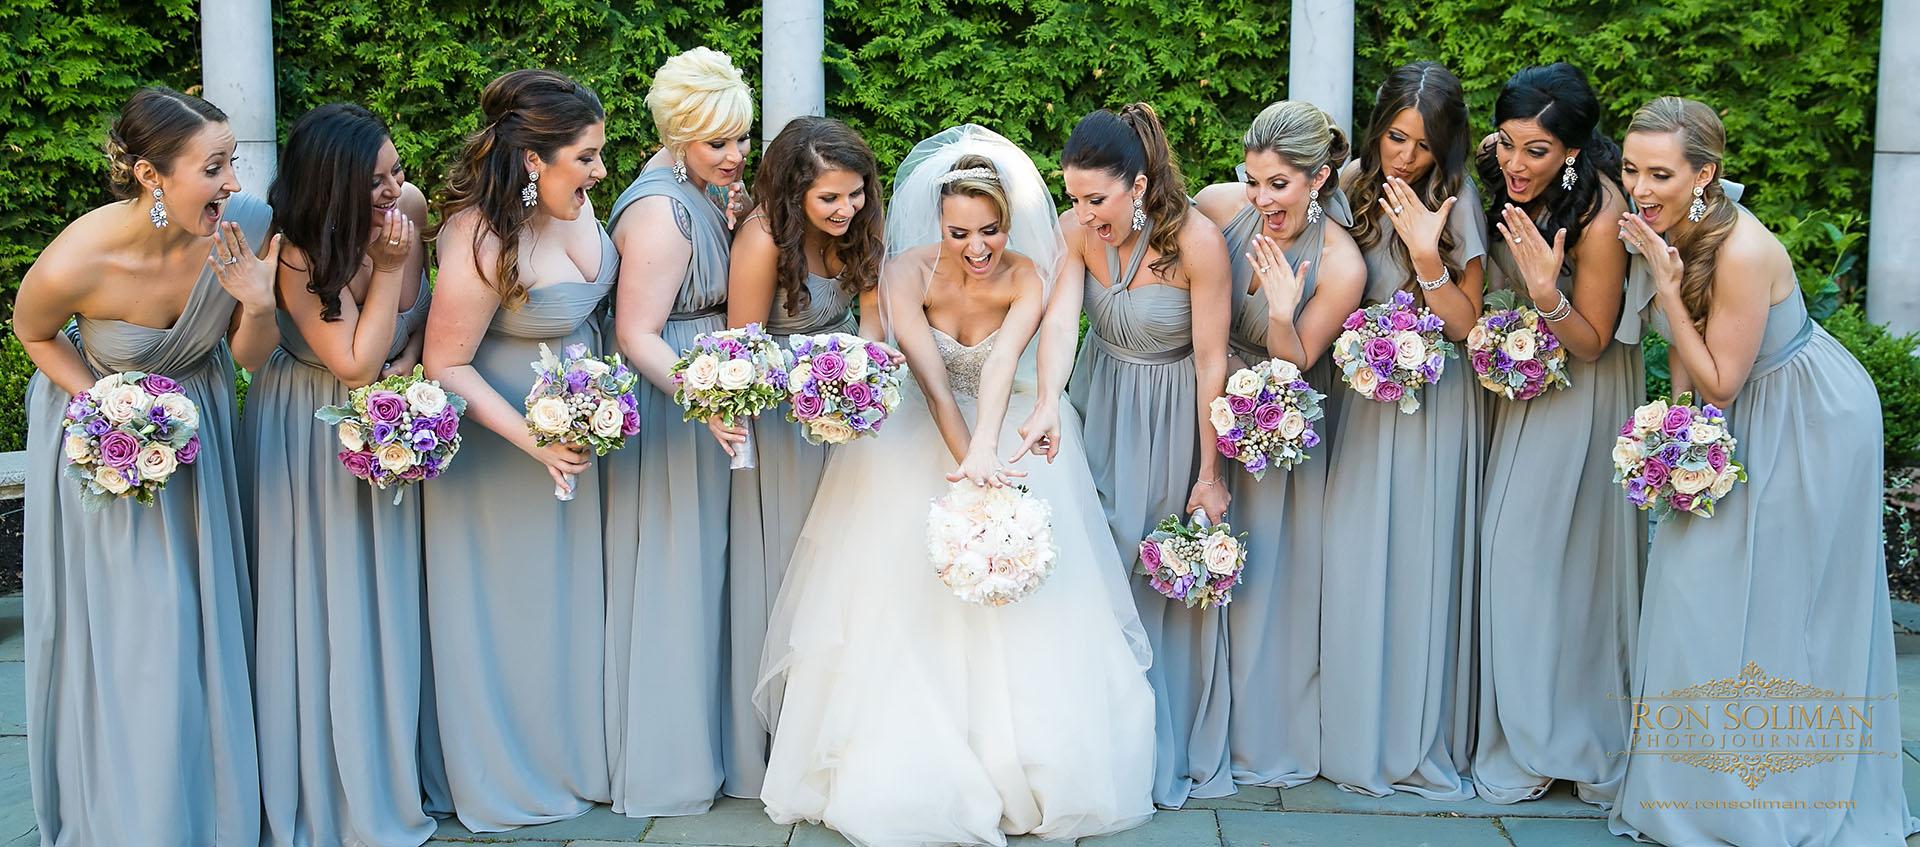 FLORENTINE GARDENS WEDDING 36